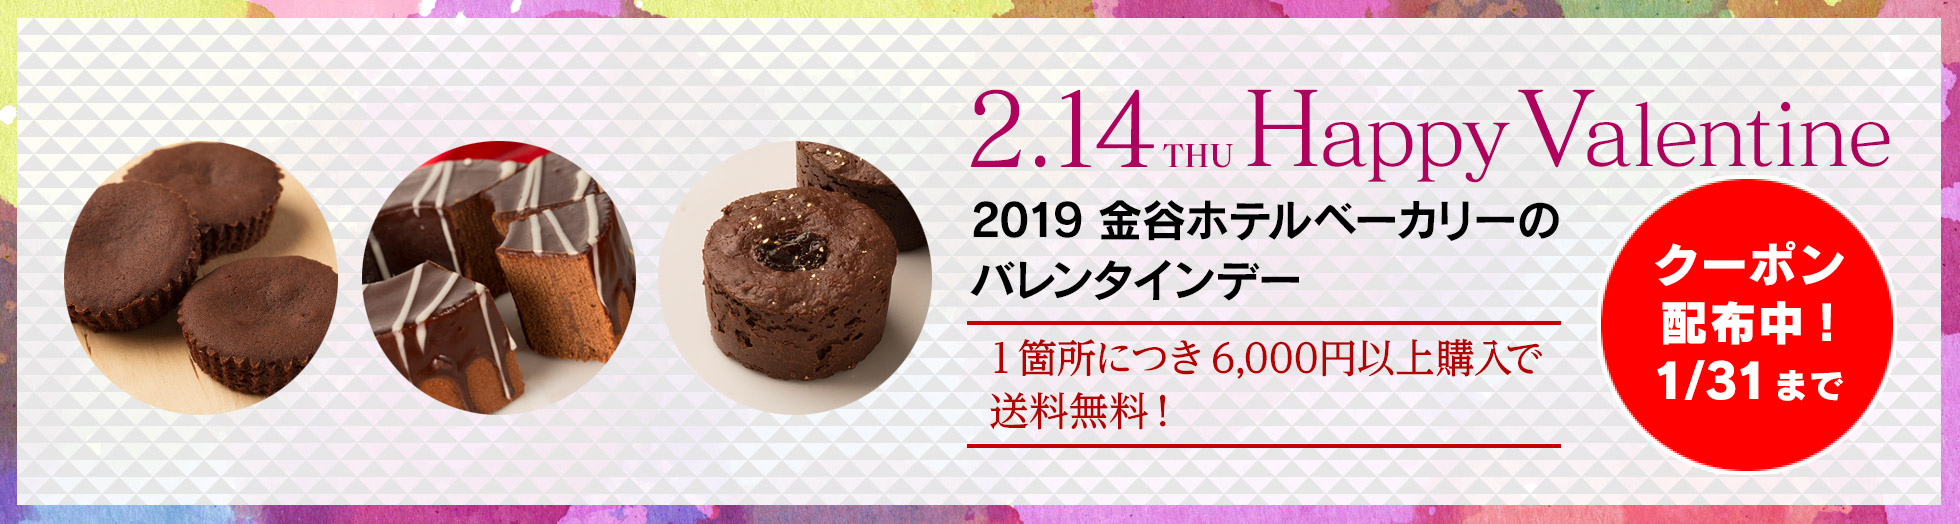 2019バレンタイン特集!